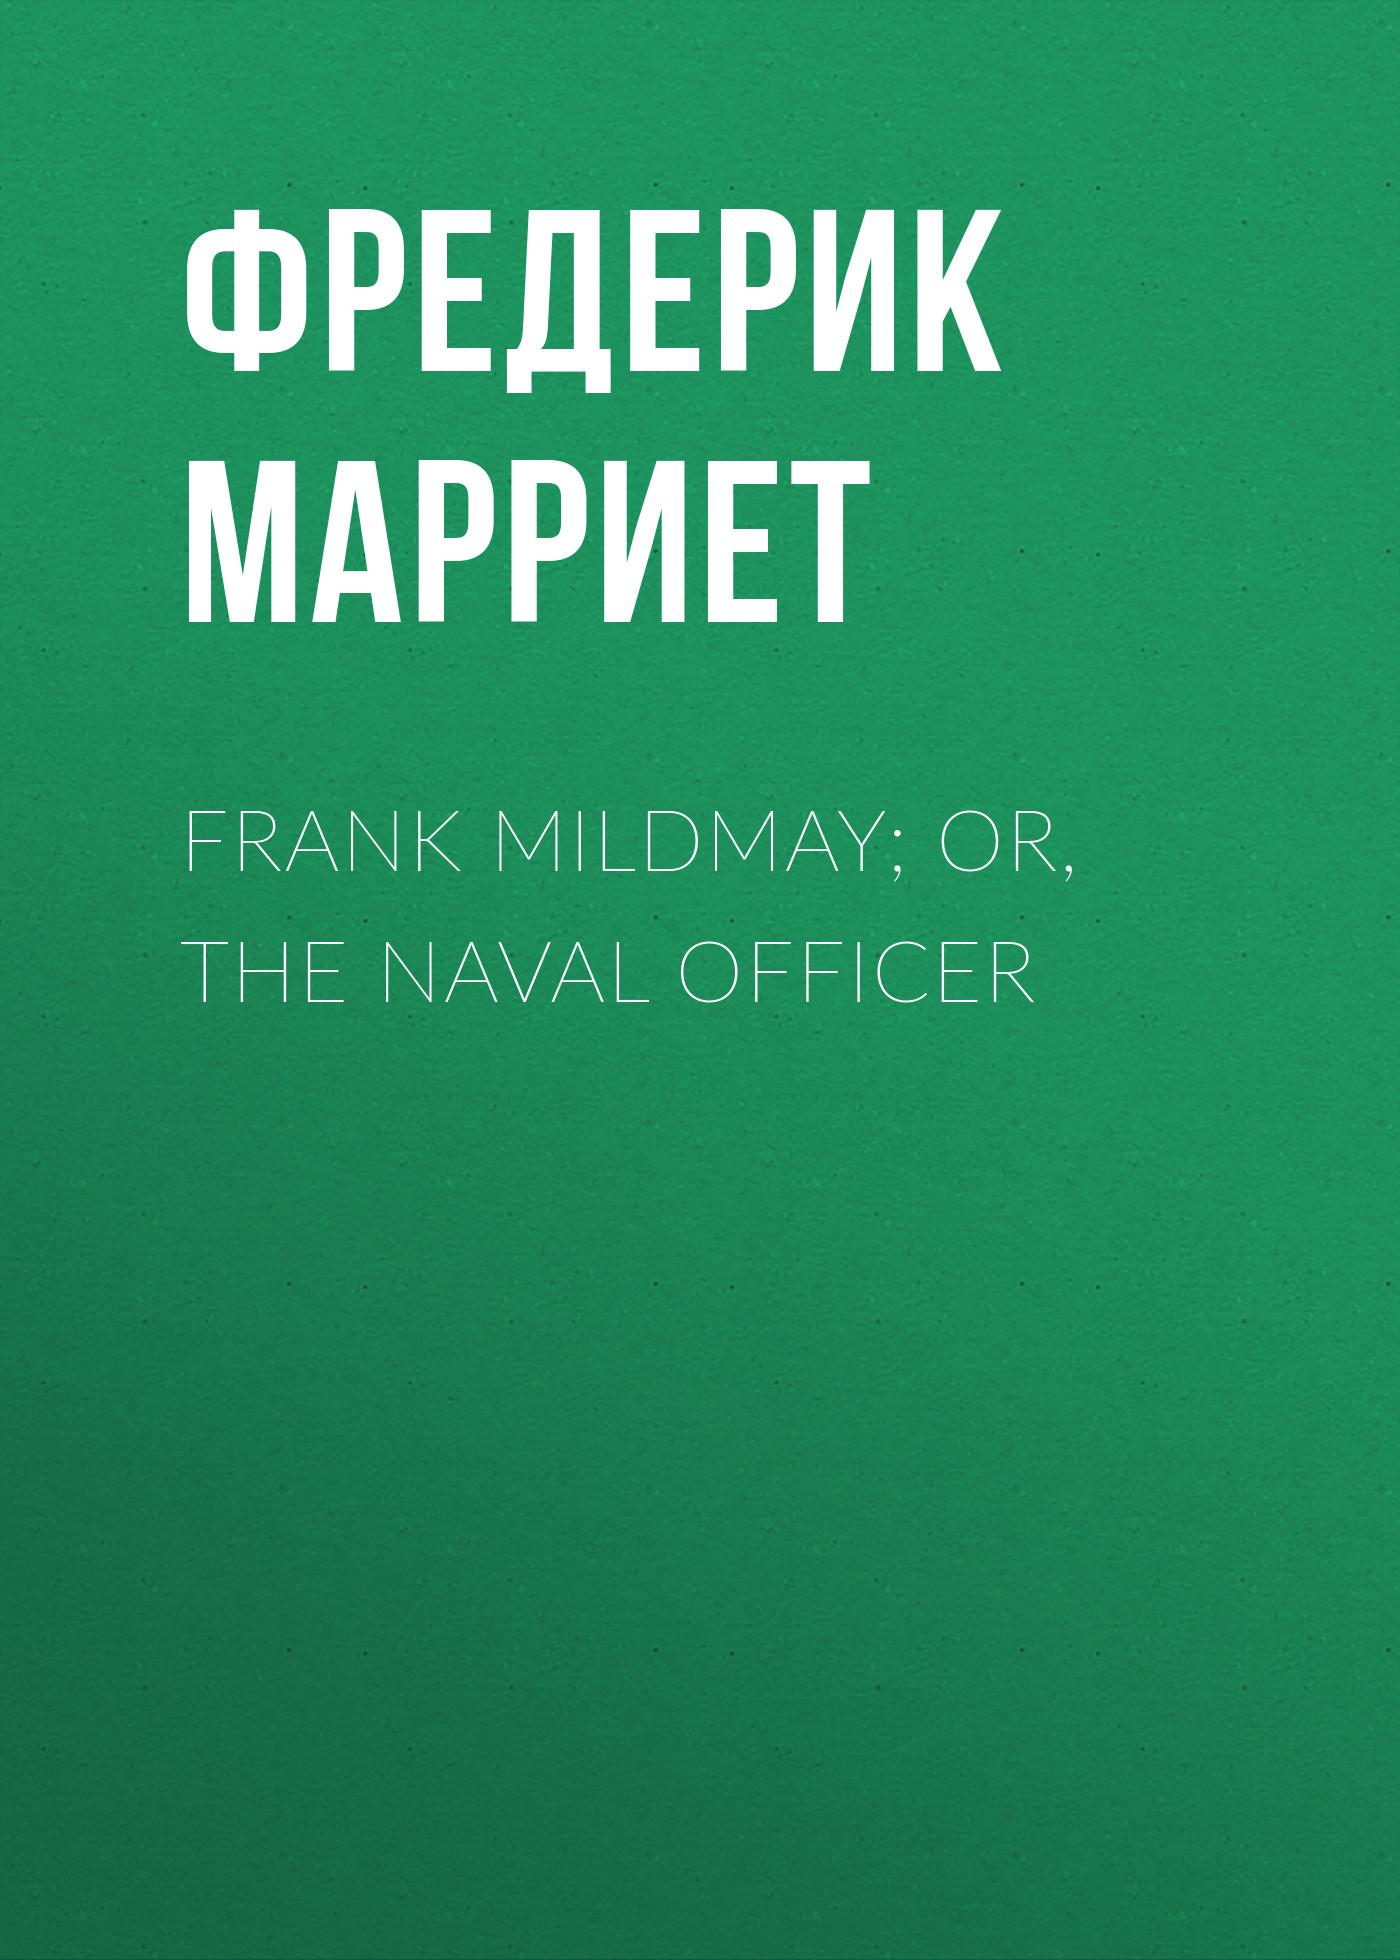 Фредерик Марриет Frank Mildmay; Or, The Naval Officer фредерик марриет морской офицер франк мильдмей